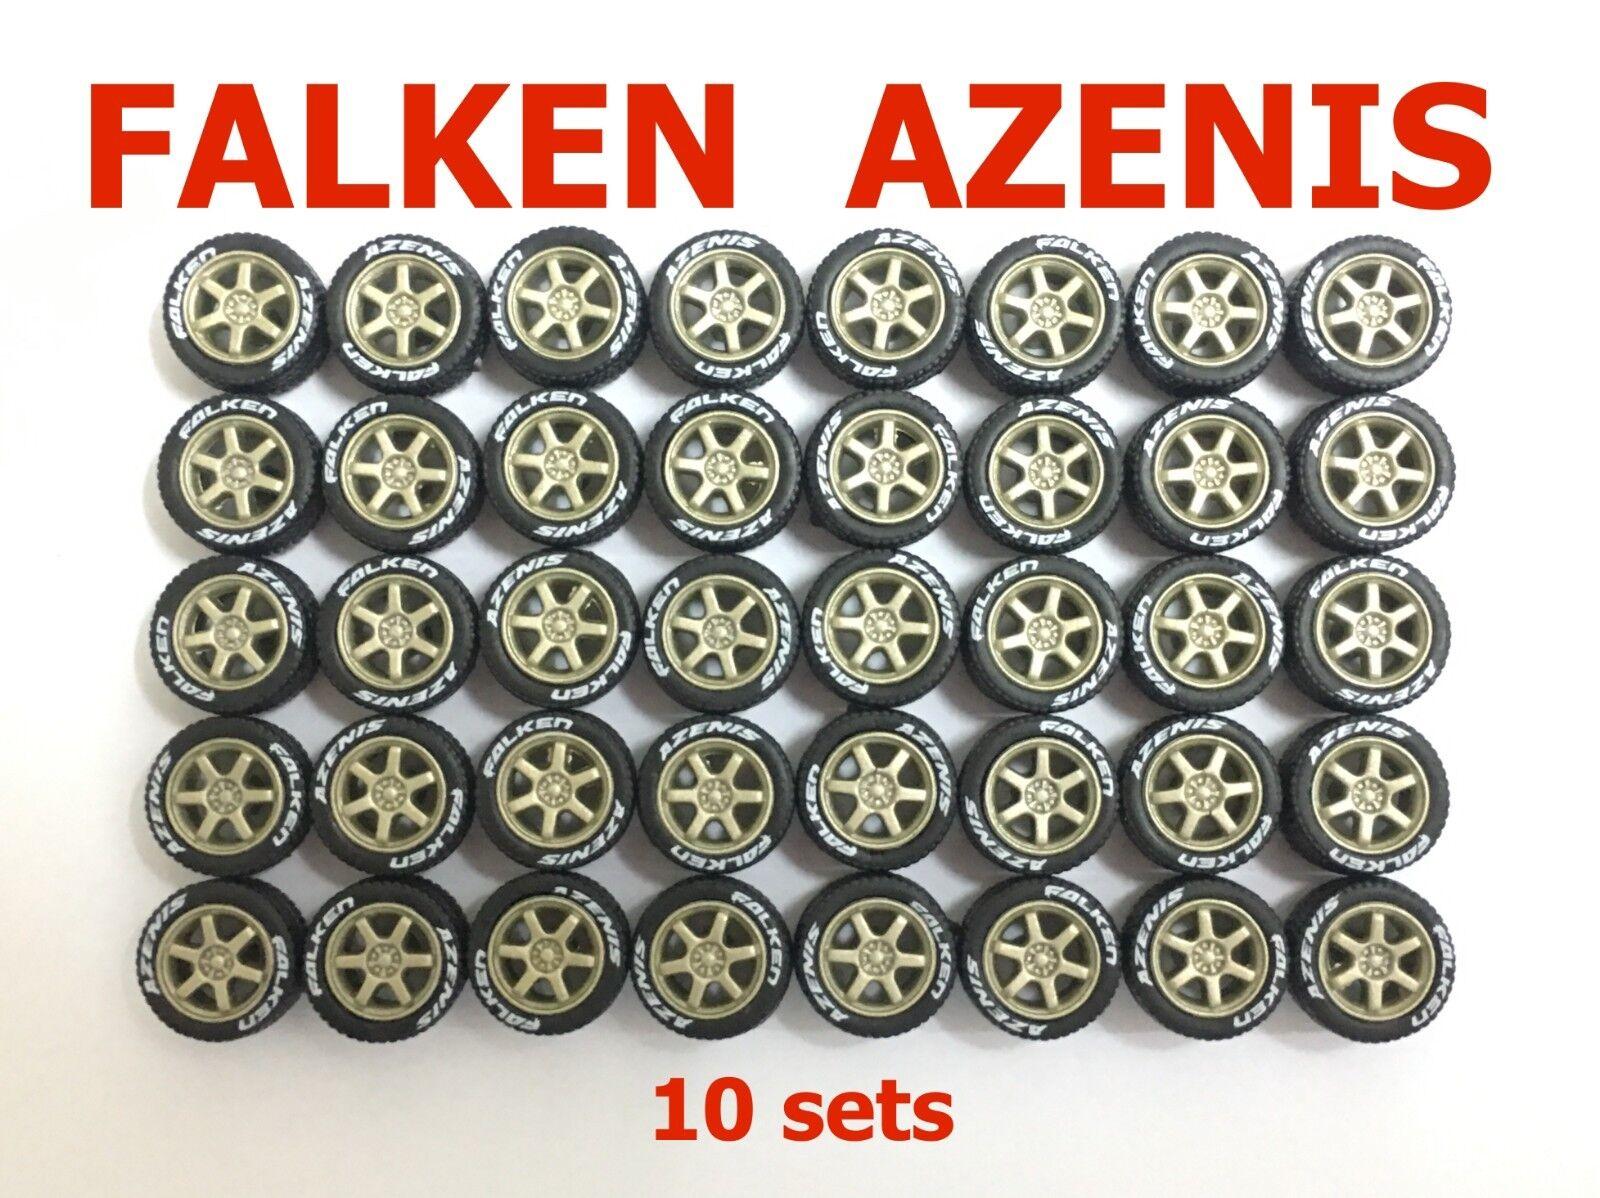 1 64 Les Pneus en Caoutchouc TE37 bronze Rim coupe Hot Wheels MBX Diecast - 10 Set-R009-10